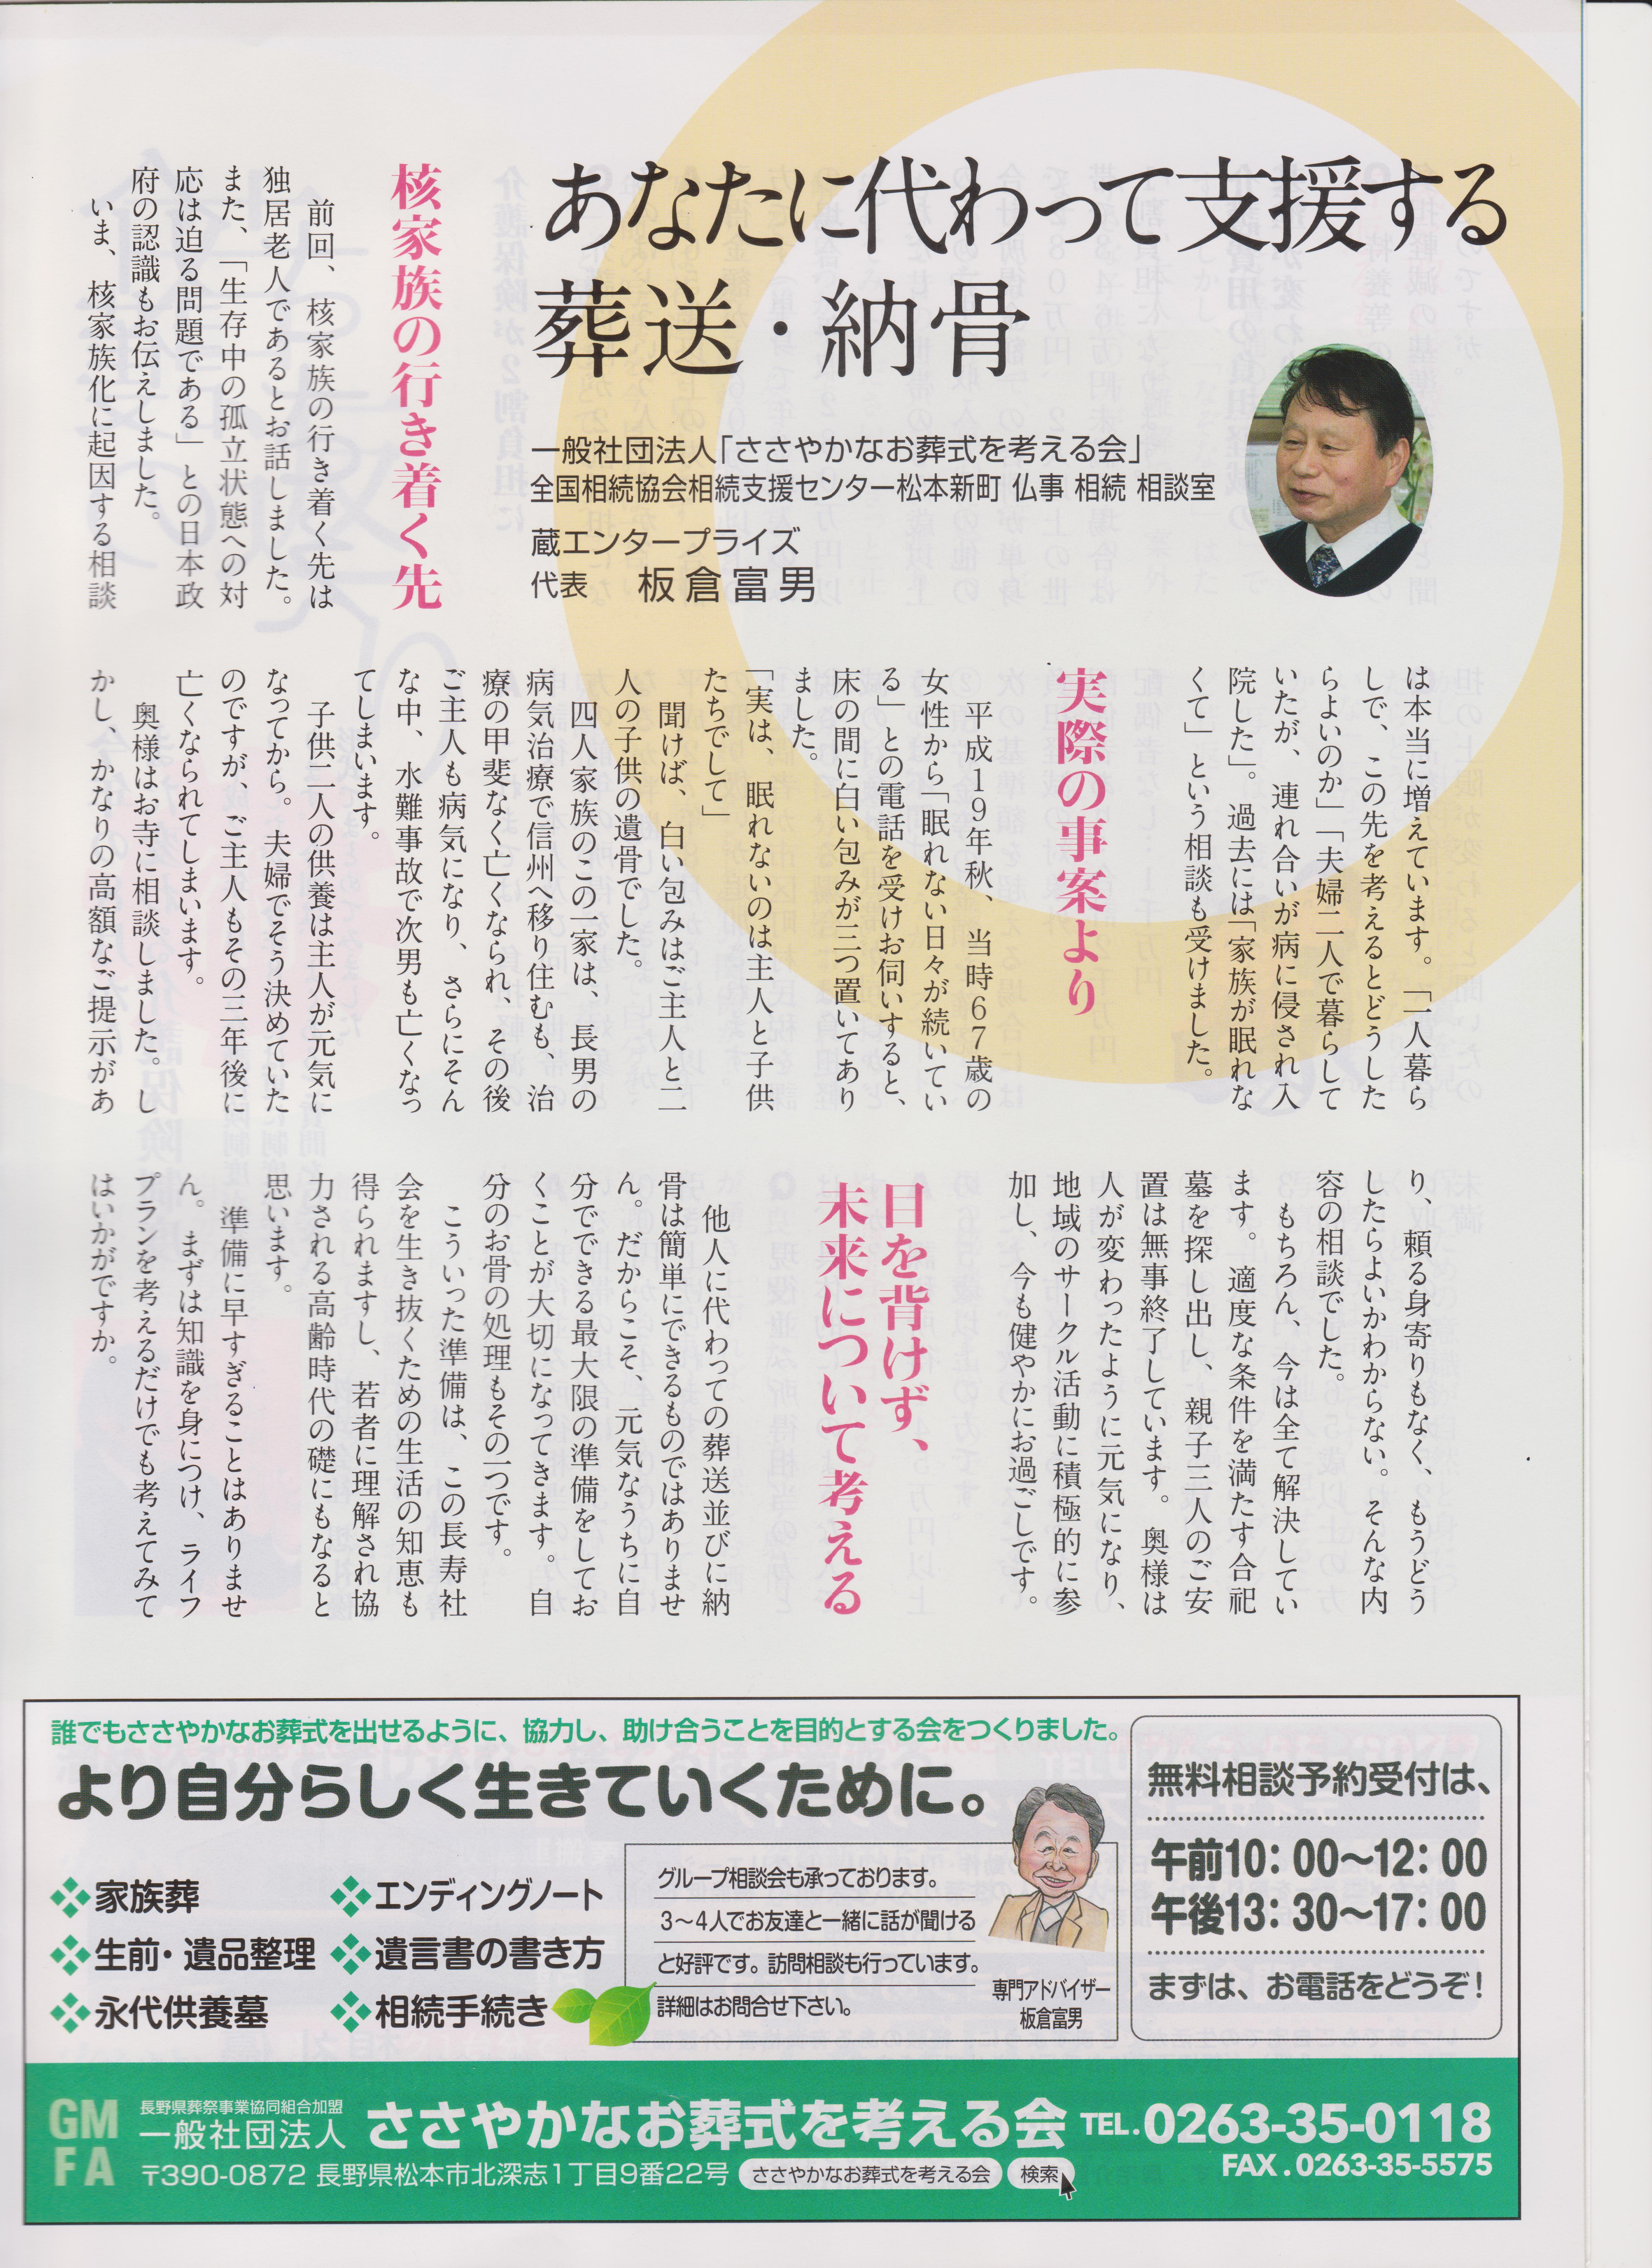 コンパスvol5_記事_板倉富男先生